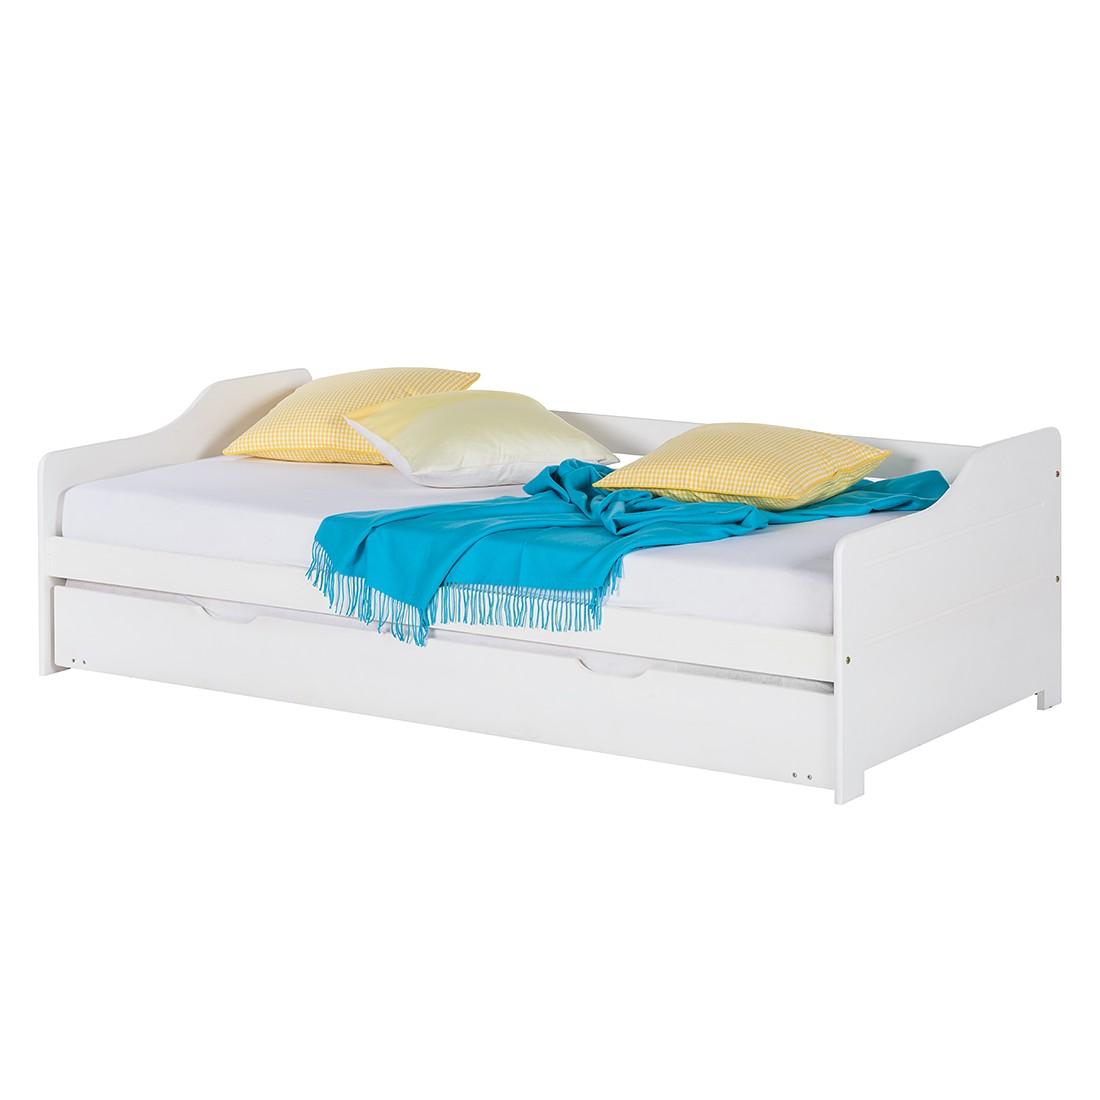 Funktionsbett Miriam - Kiefer massiv - Weiß lackiert - inklusive Bettkasten, Kids Club Collection